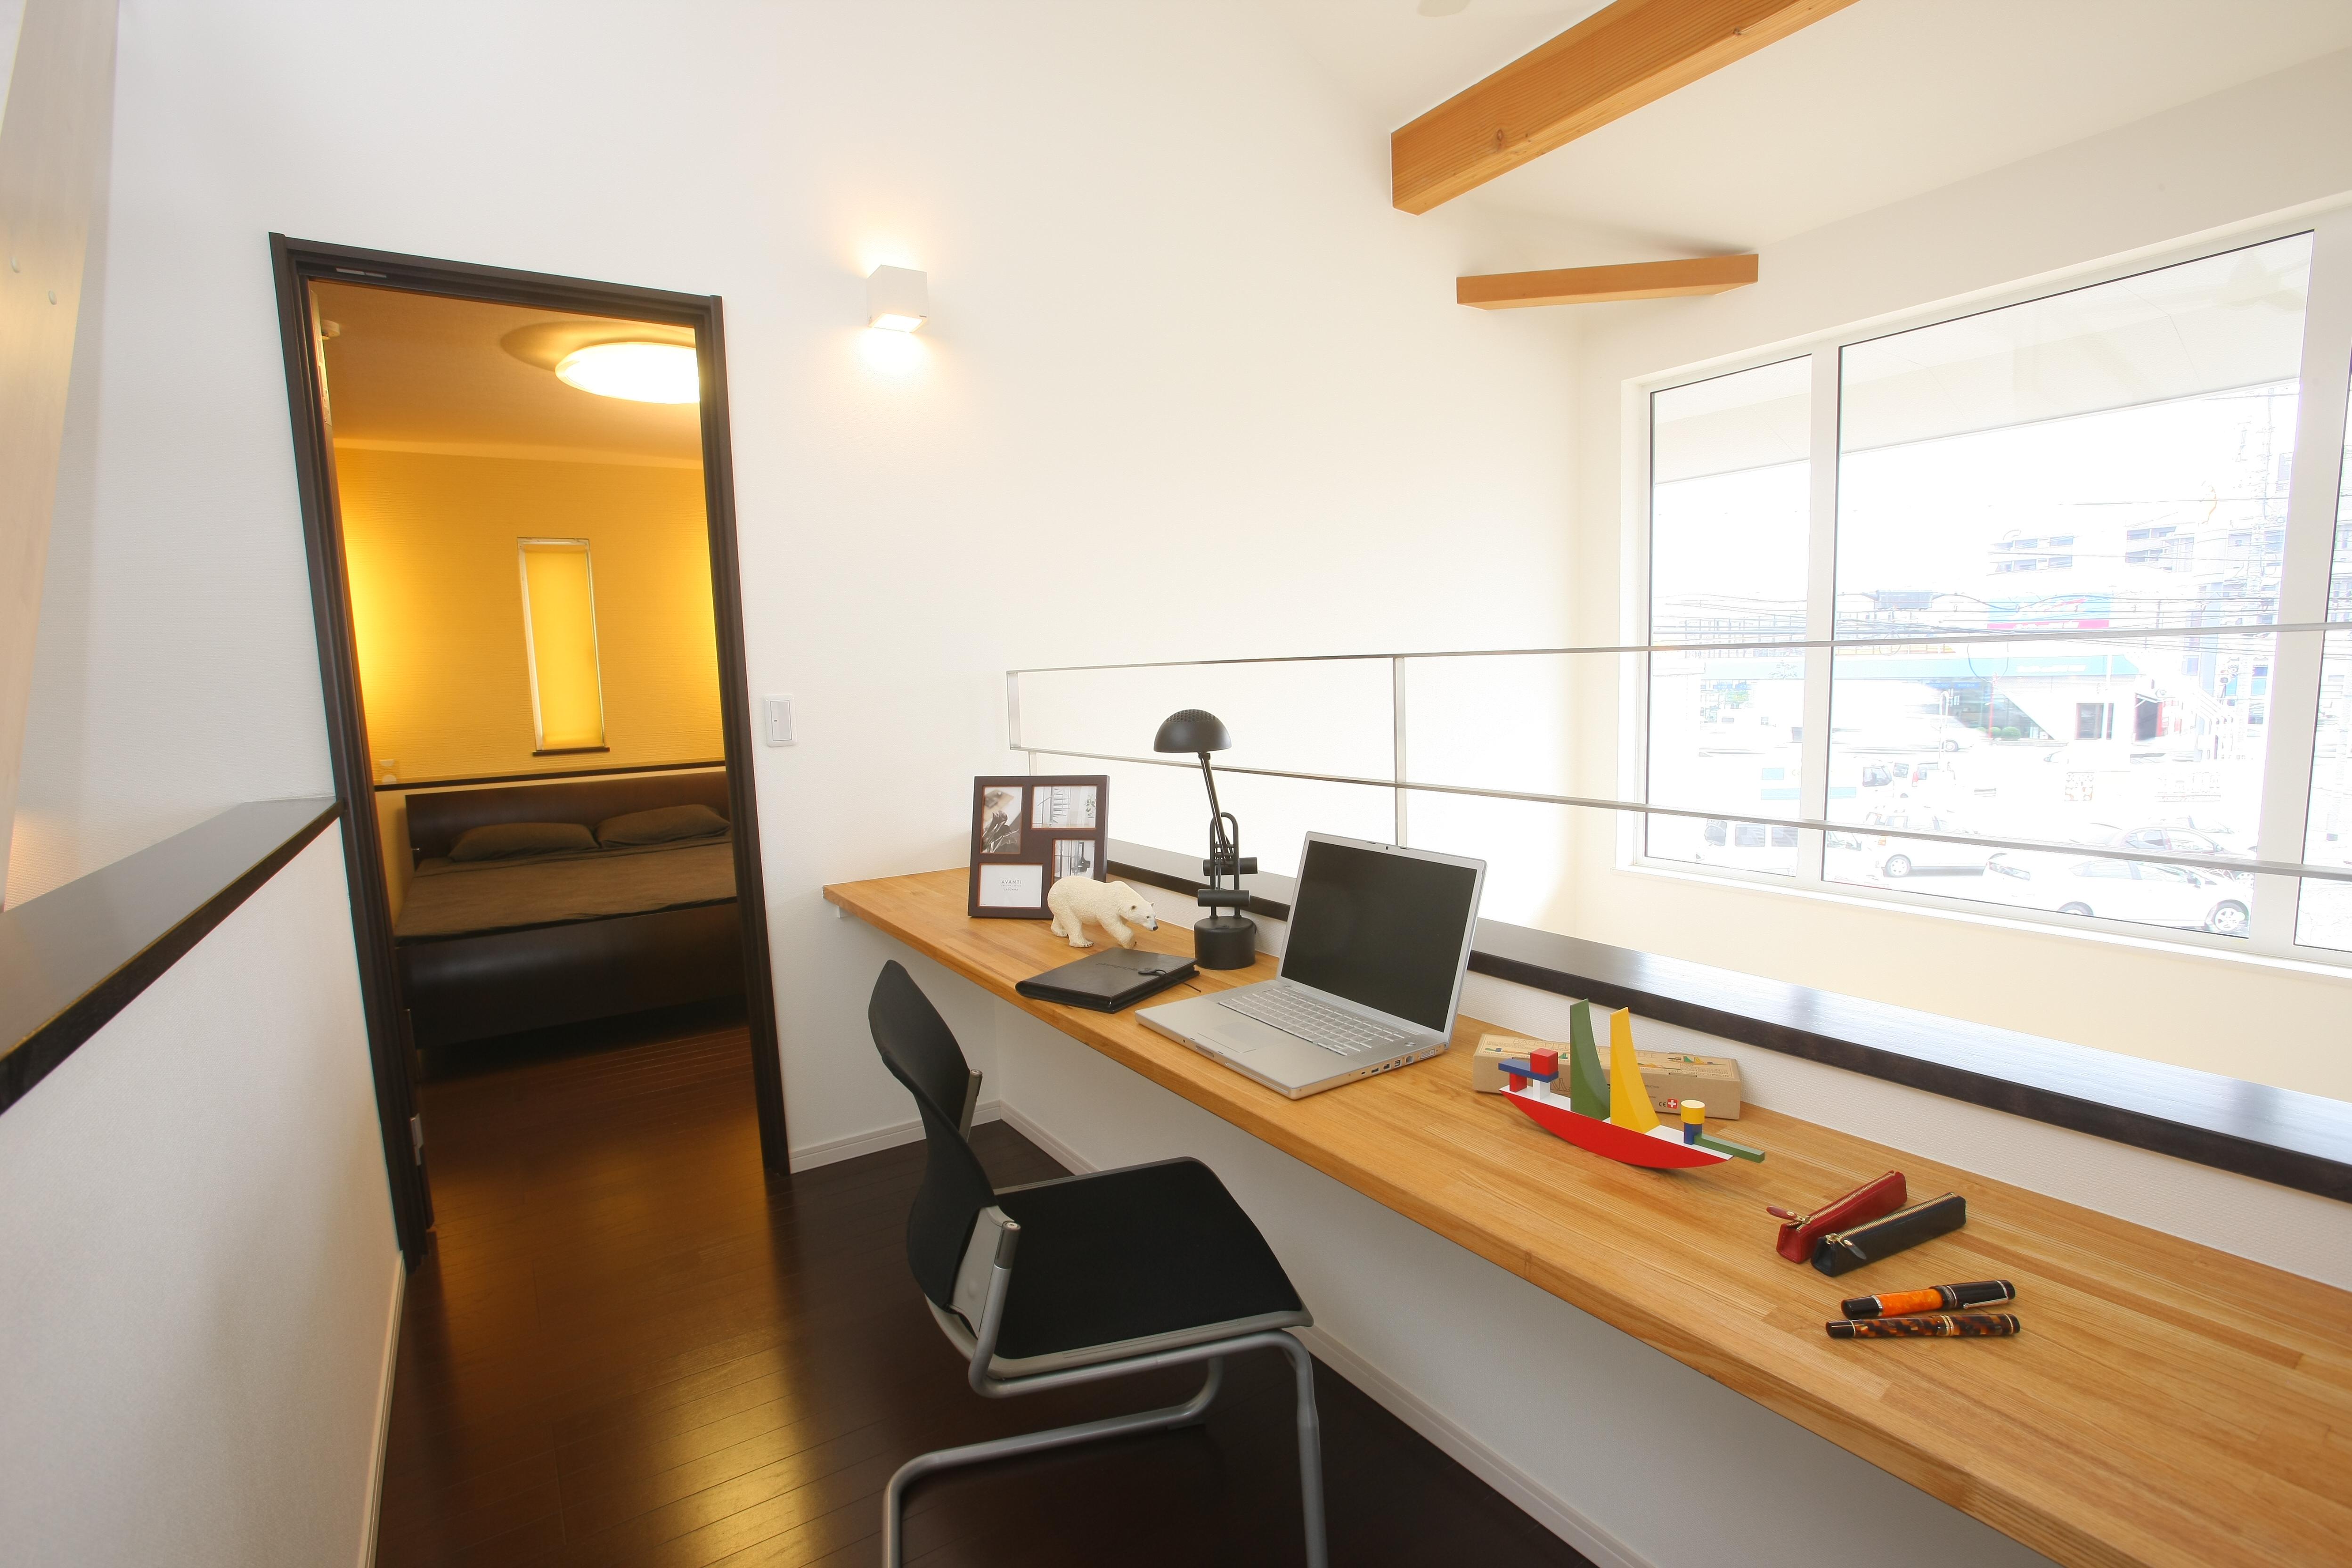 トキノハウス(常盤工業)【浜松市東区和田町805番地・モデルハウス】2階ホールにはカウンターを設置。吹抜を通してリビングの気配を感じながら、PCや趣味に興じることのできる書斎スペースとして活用することができる